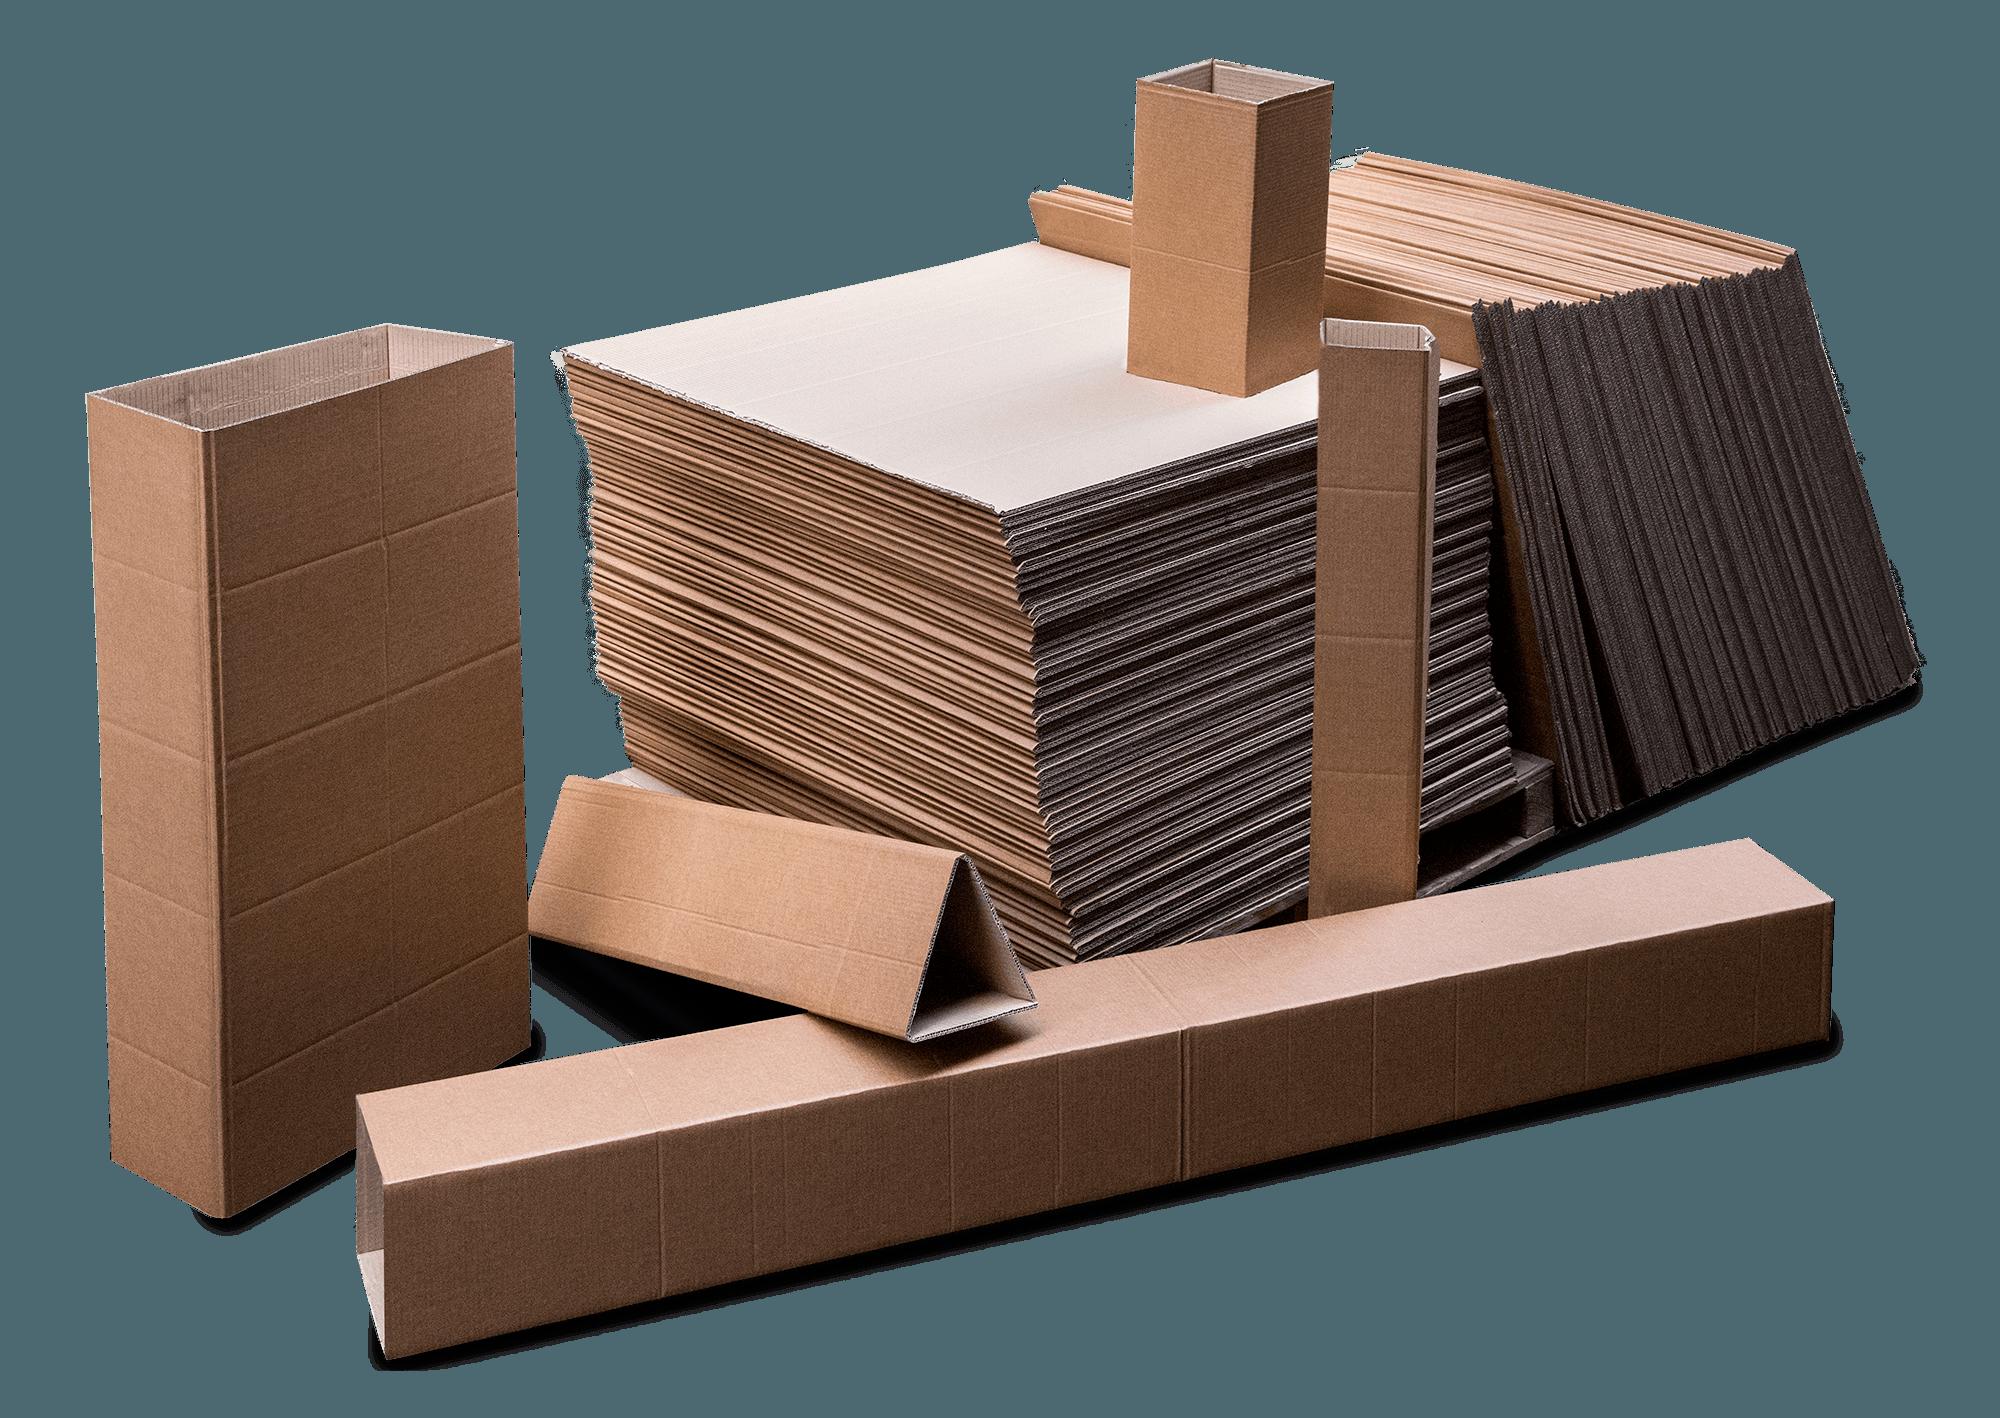 Bodegón de cajas hechas con fanfold